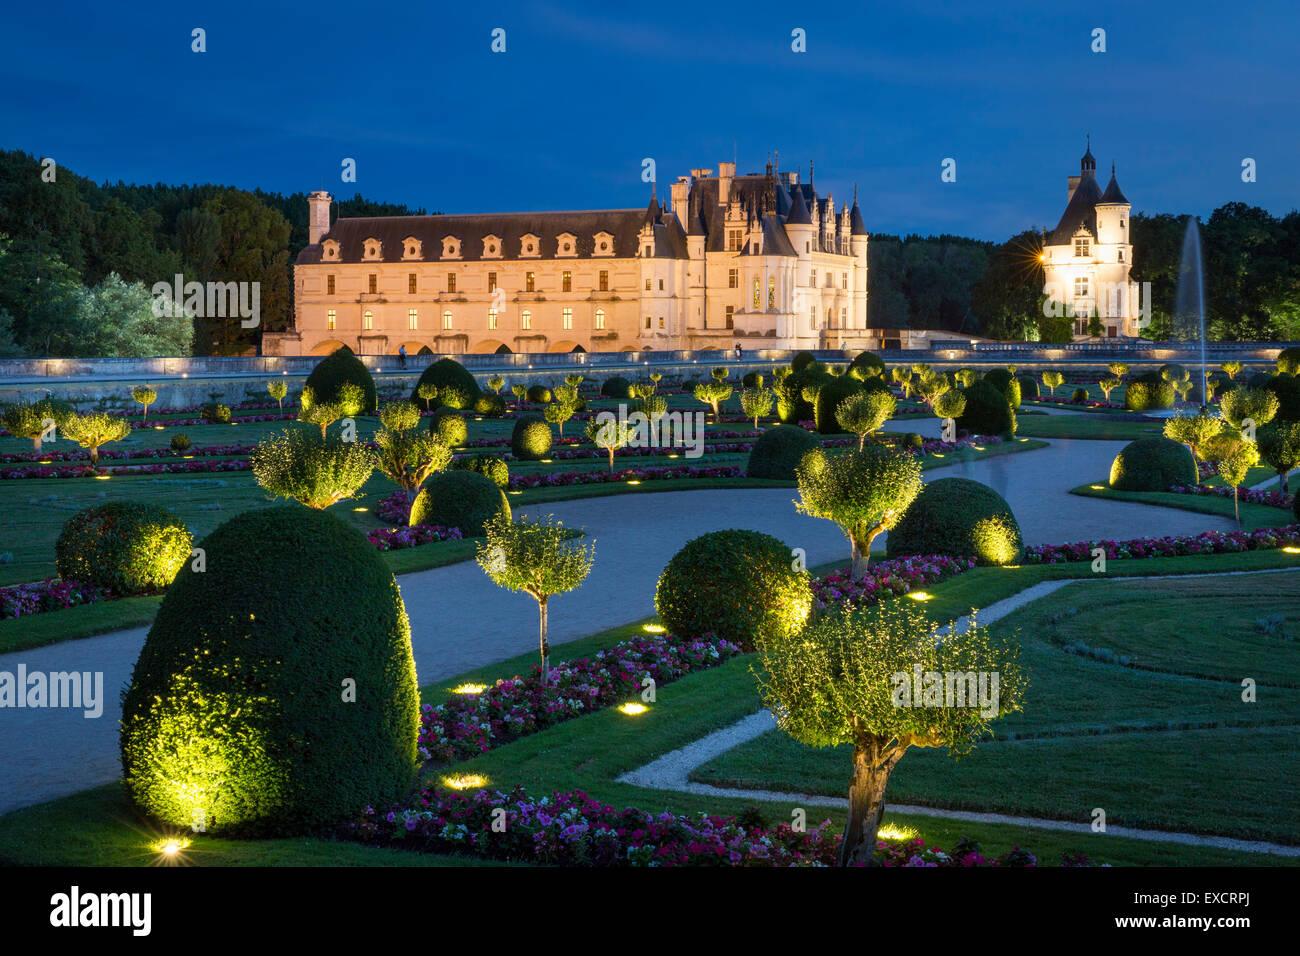 Jardín iluminado de Diane de Poitiers y Château de Chenonceau en el valle del Loira, Centro Francia Imagen De Stock